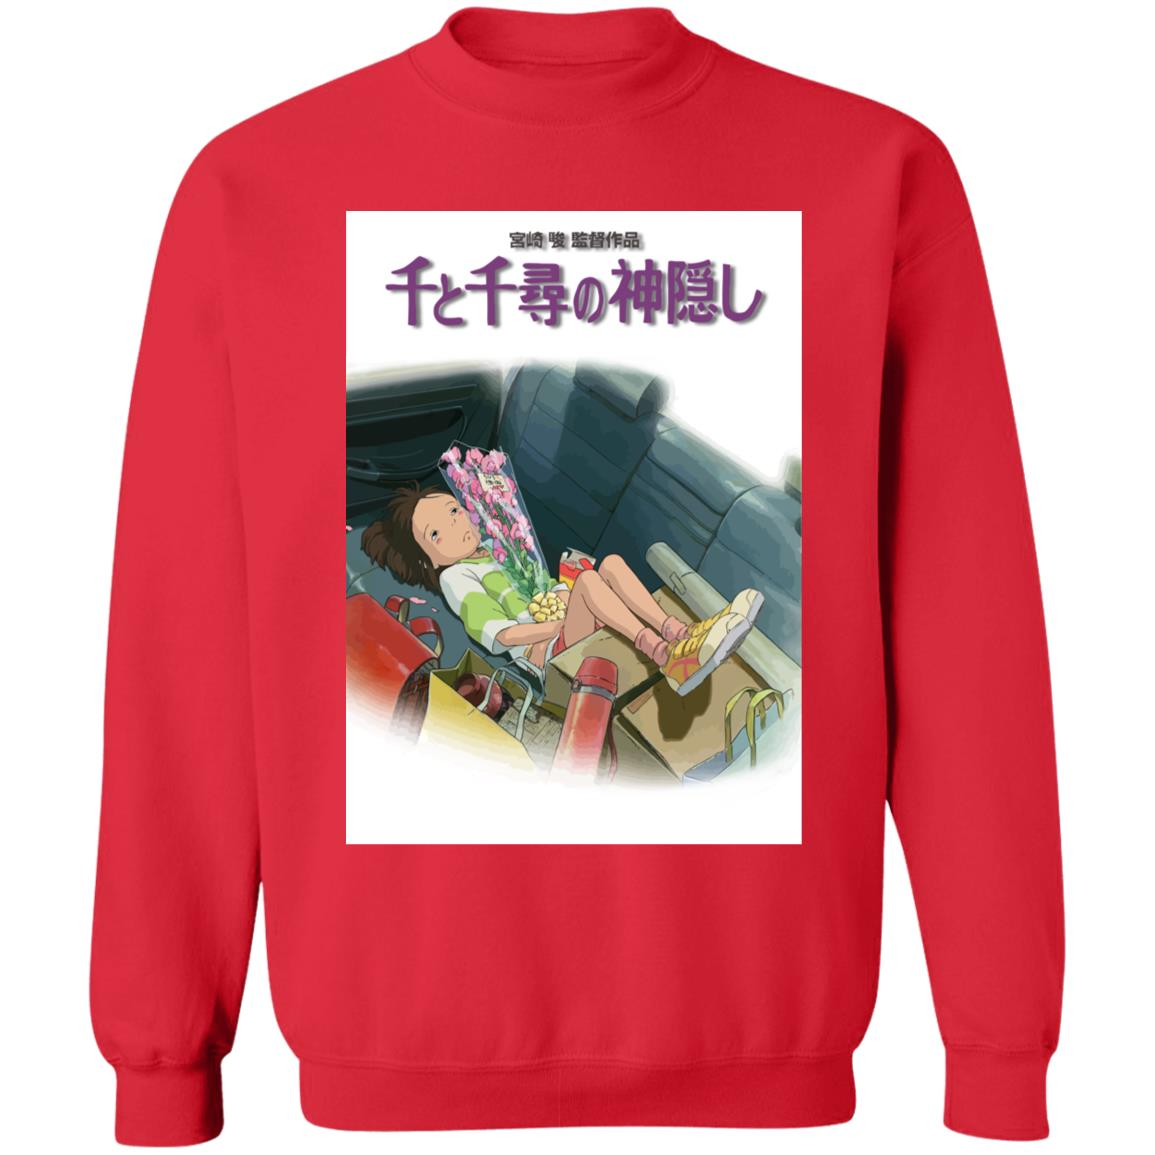 Spirited Away – Chihiro on the Car Sweatshirt